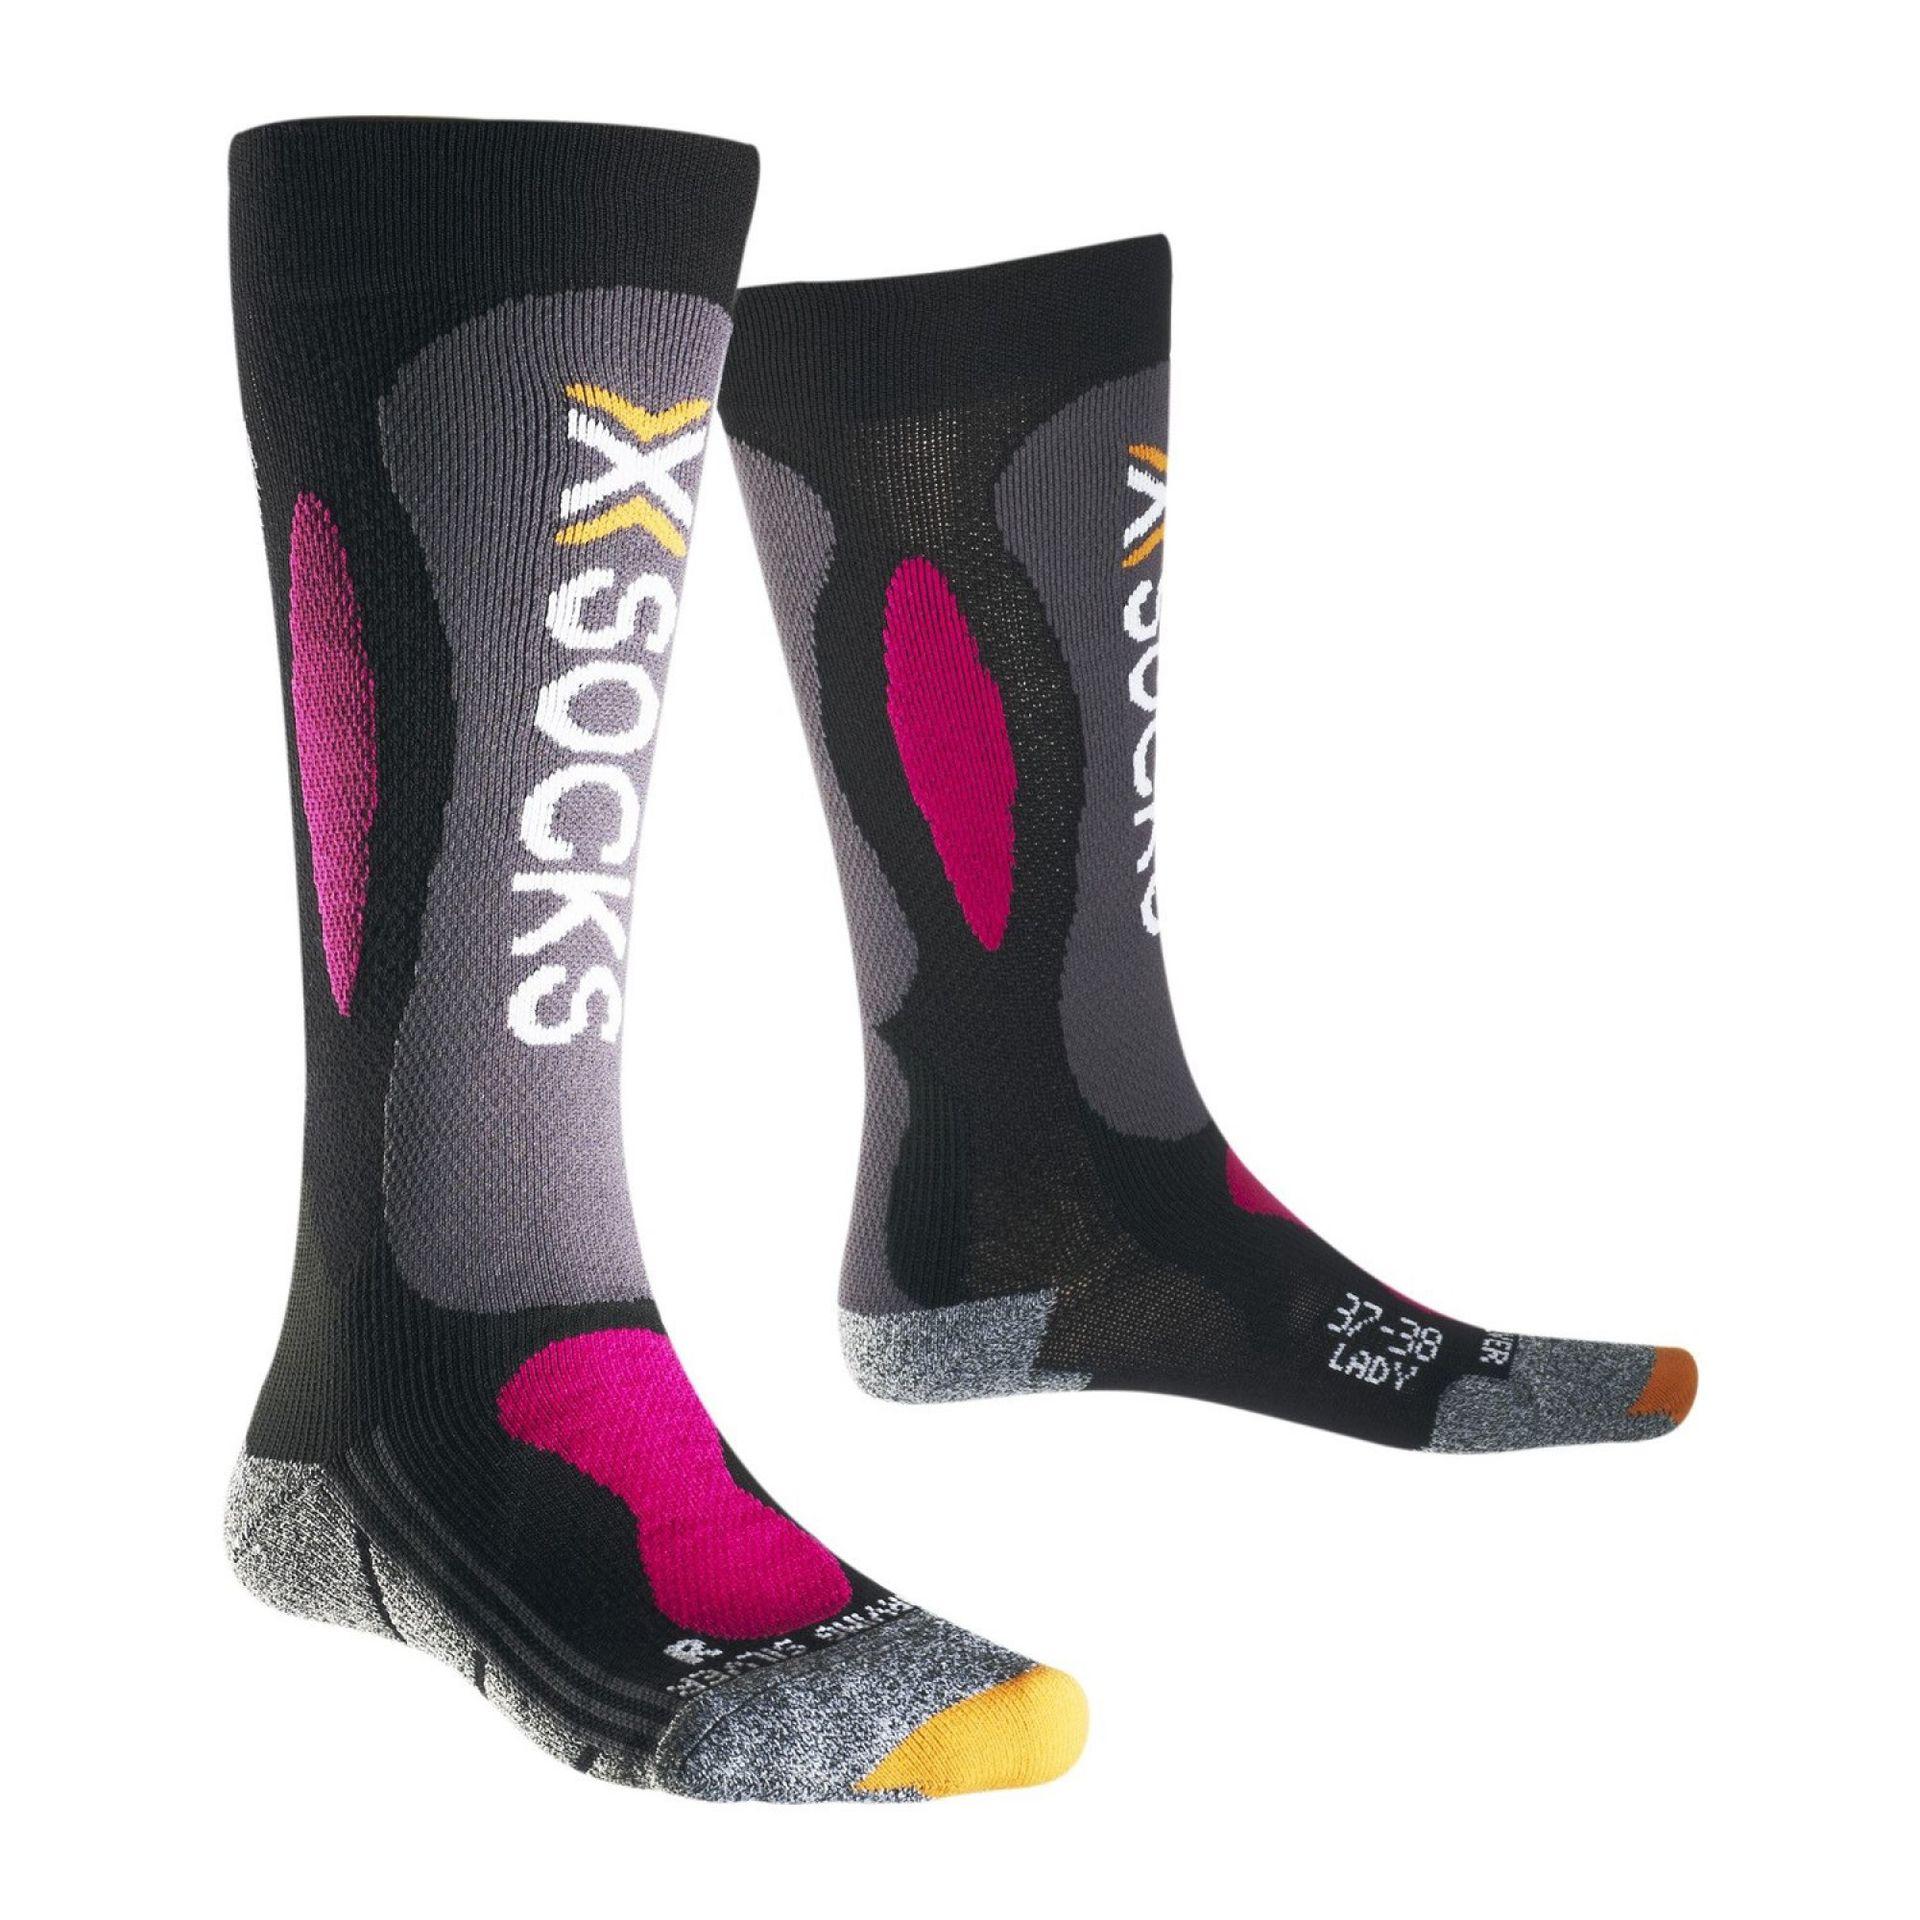 SKARPETY X-SOCKS SKI CARVING SILVER LADY CZARNY|FUKSJA